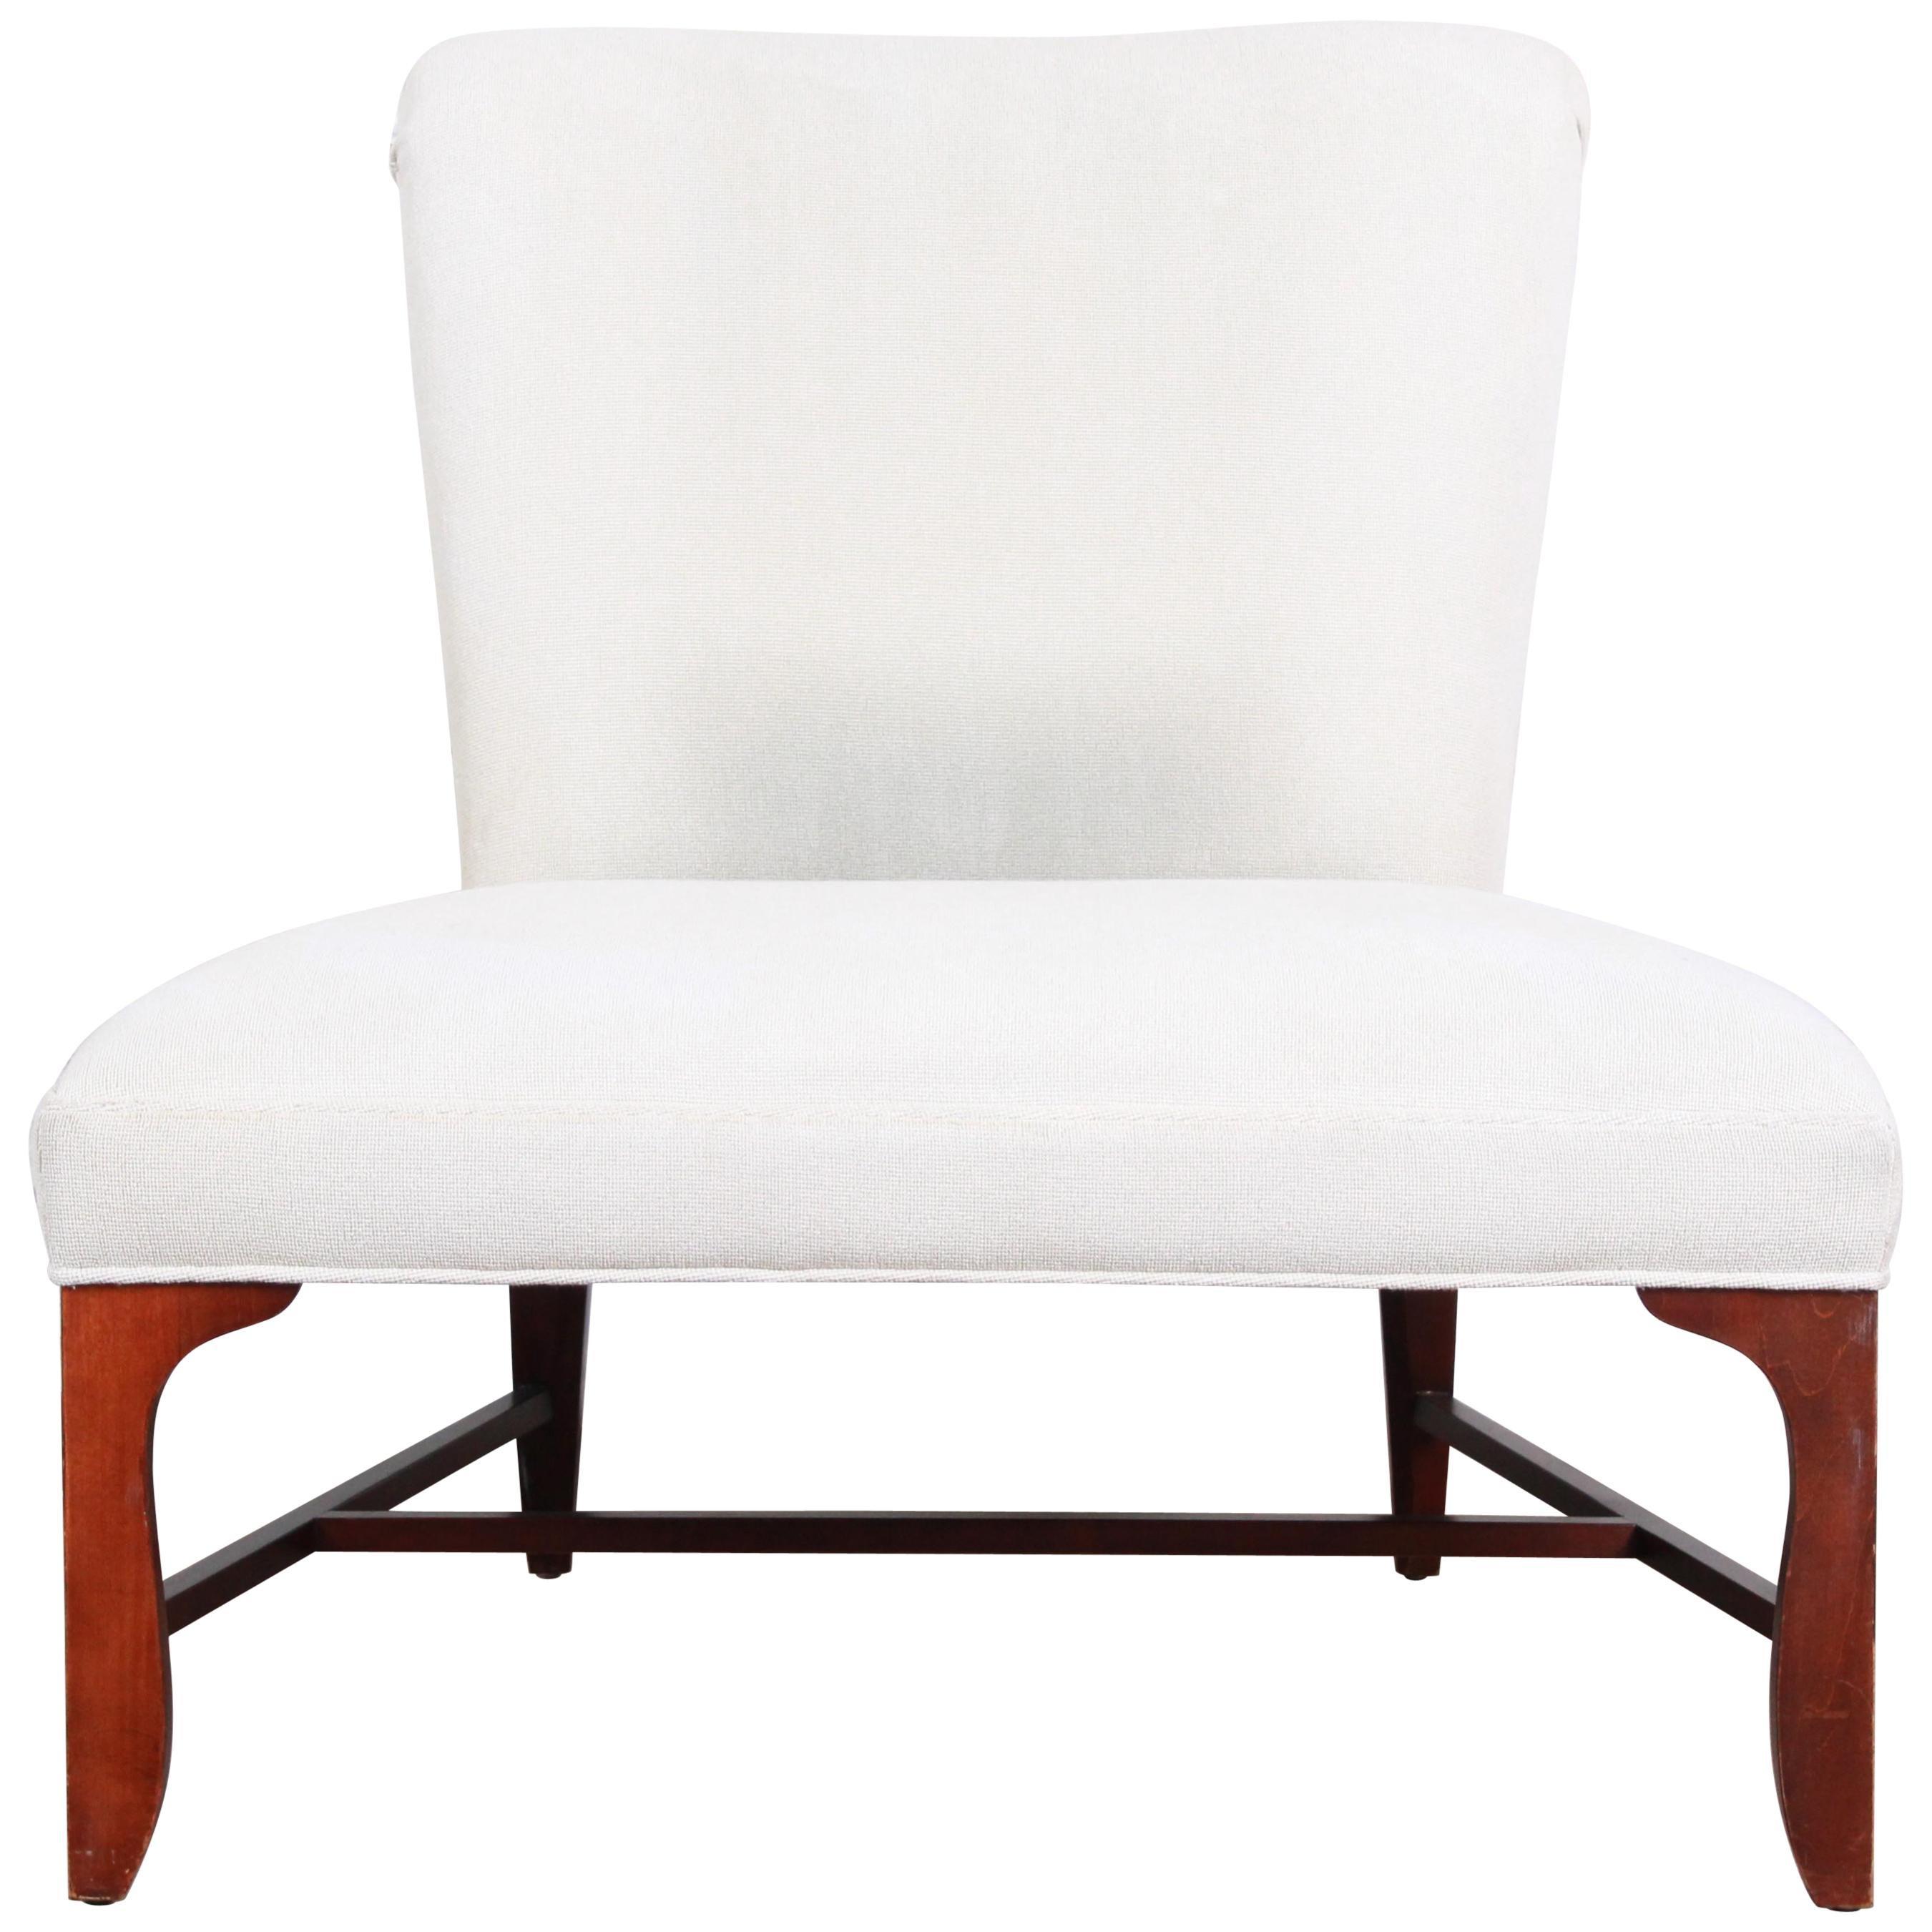 Baker Furniture Elegant Oversized Slipper Chair